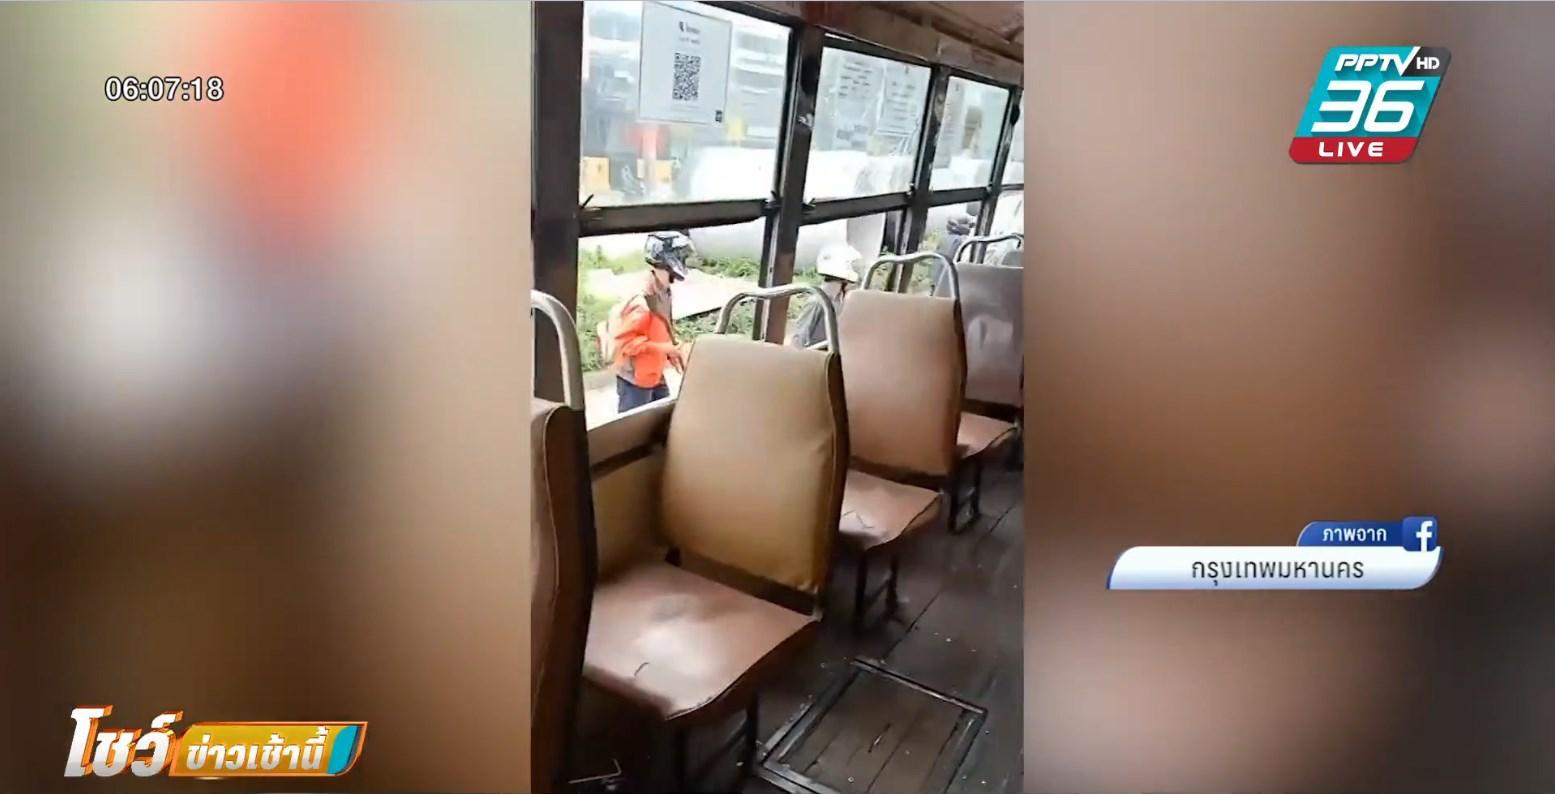 ตีกันต้อนรับเปิดเทอม นักเรียนนักเลงยกพวกไล่ตีกันบนรถเมล์